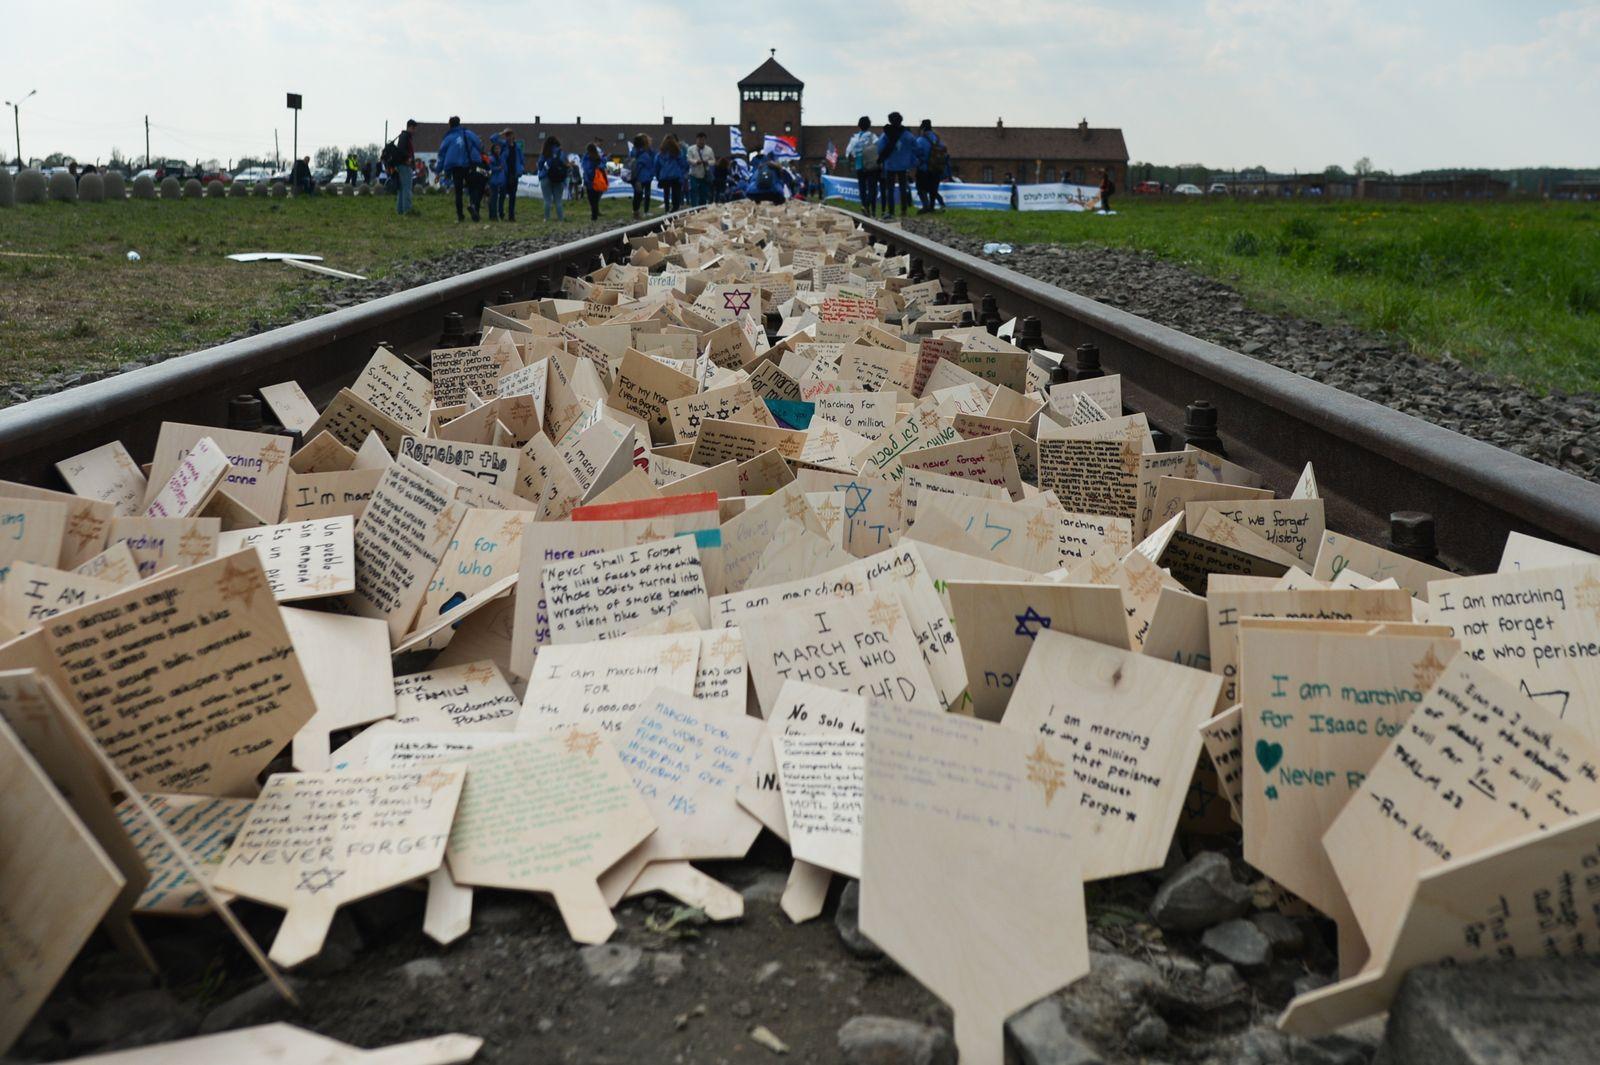 Auschwitz - Die dritte Generation - Annual March Of The Living in Auschwitz